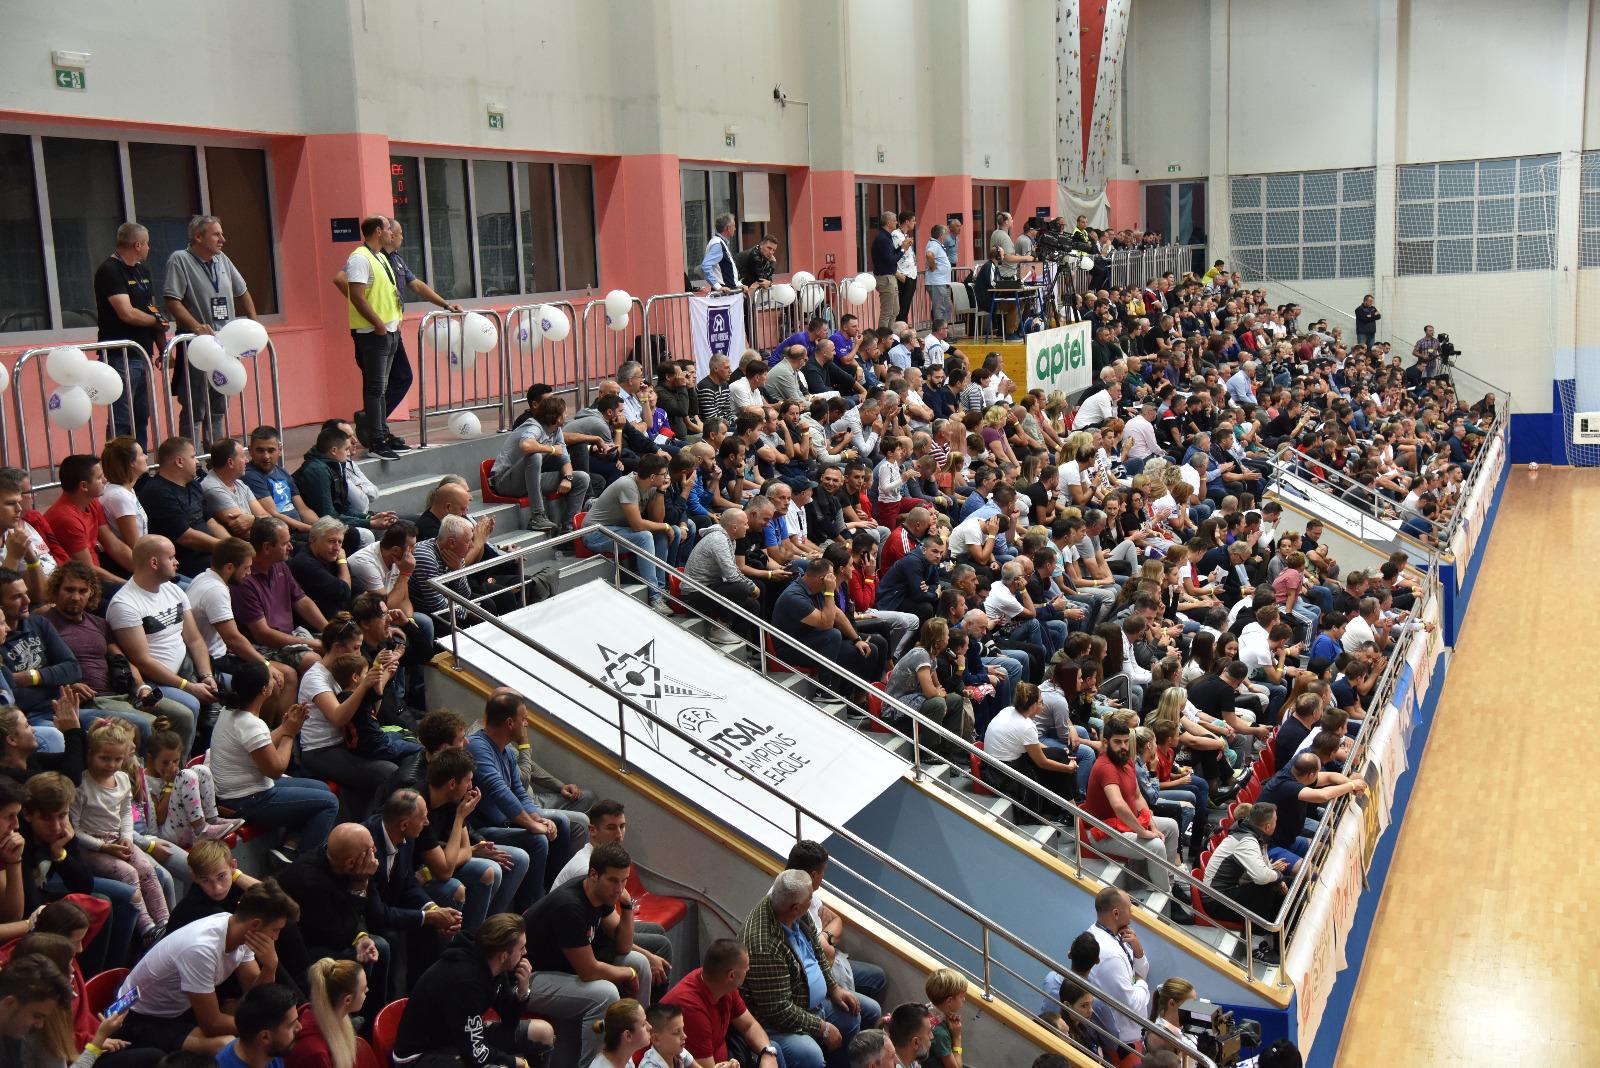 NOVO VRIJEME – SHKUPI 4:2 Makarani drugu godinu za redom u Elitnoj rundi futsal Lige prvaka